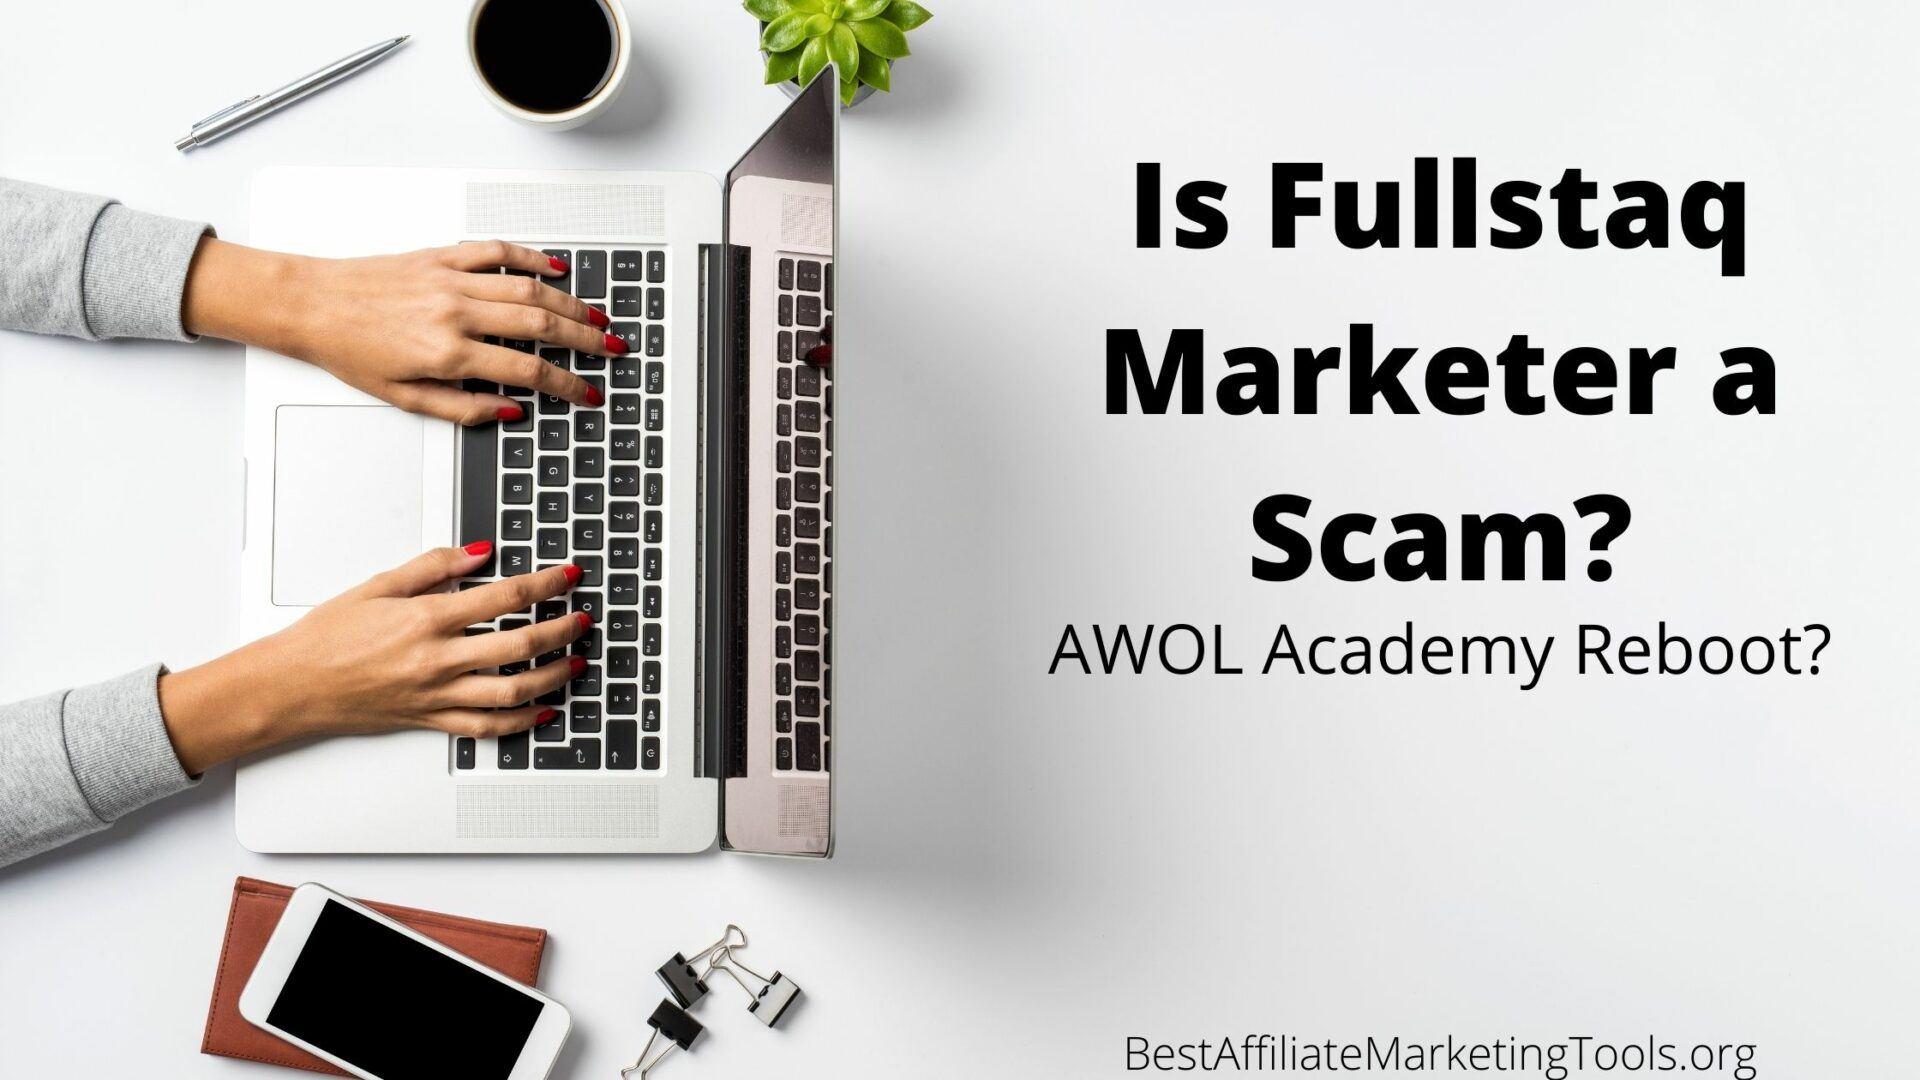 Is Fullstaq Marketer a Scam